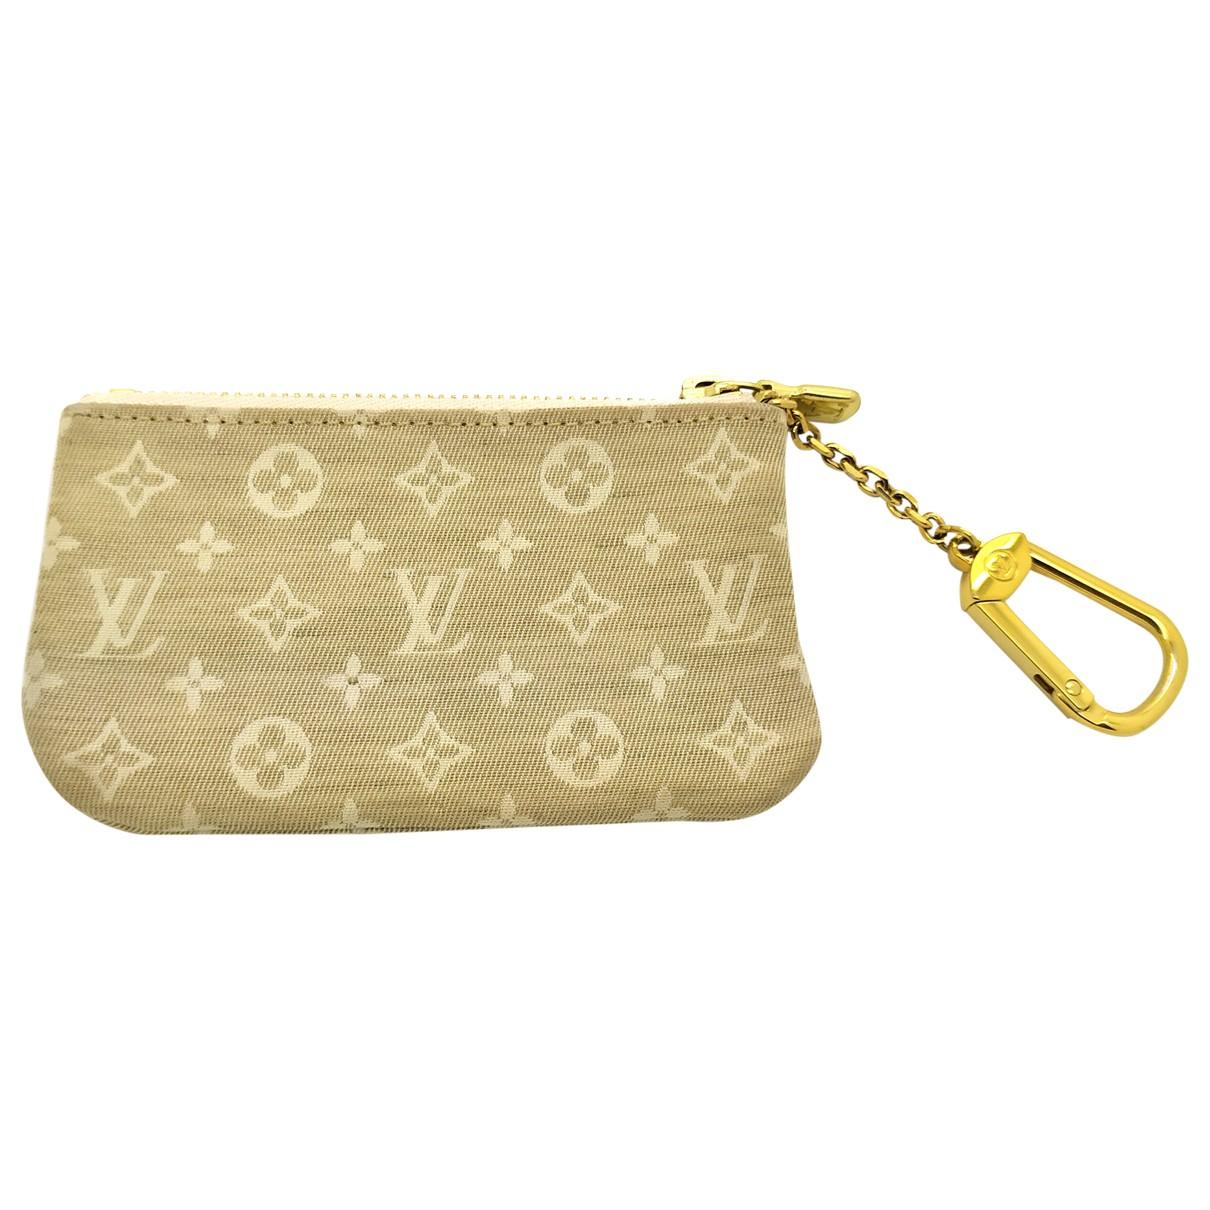 Louis Vuitton \N Kleinlederwaren in  Beige Leinen